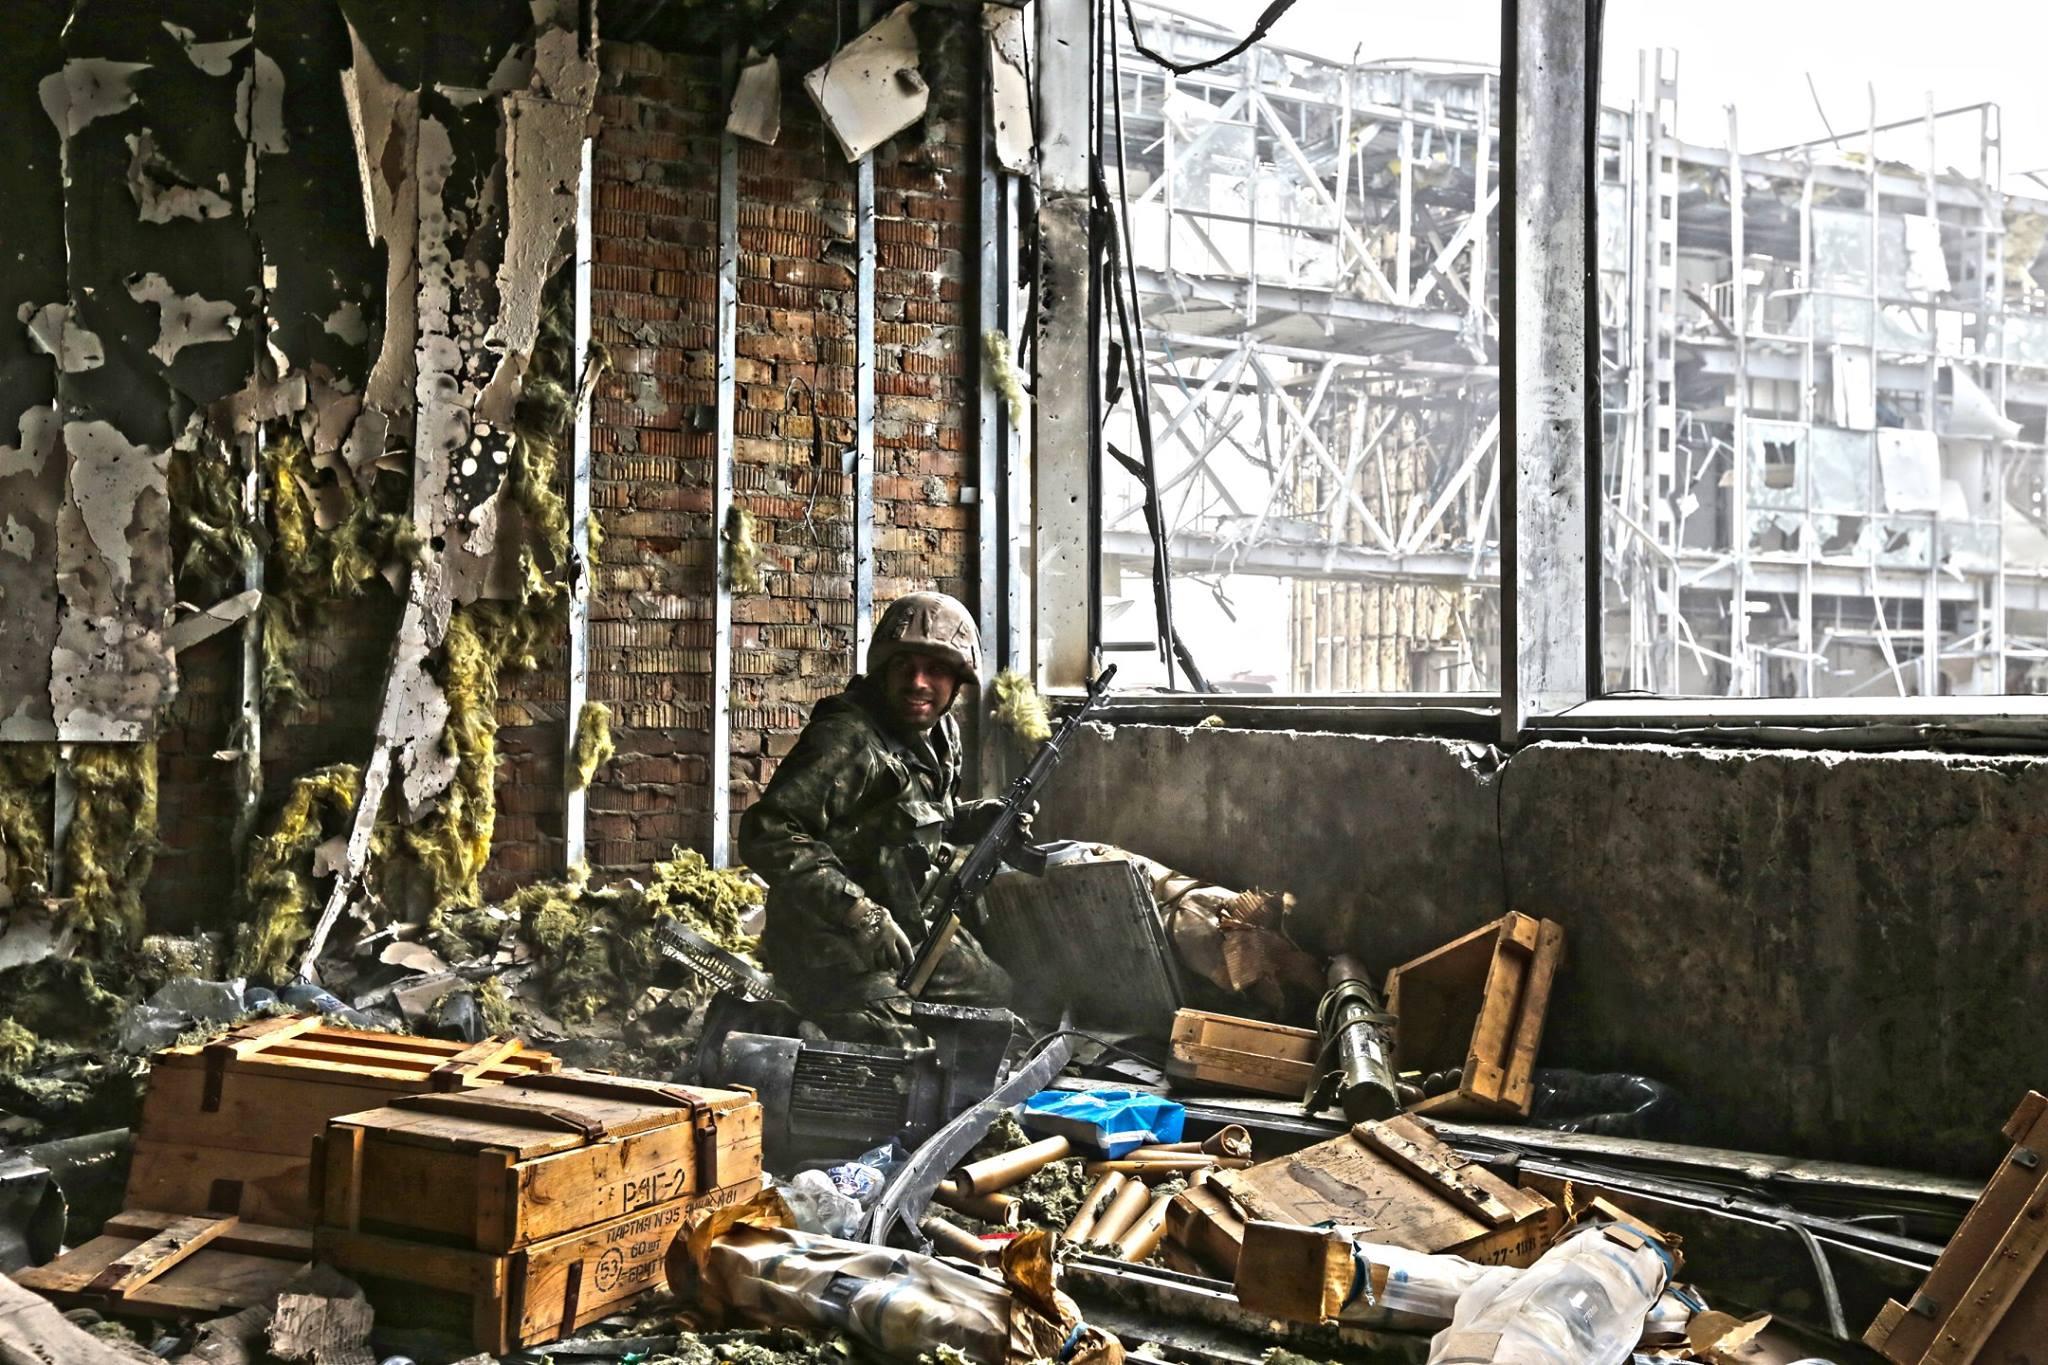 На Прикарпатье задержан работник вуза, за 300 долл. выдававший фиктивные справки военнообязанным - Цензор.НЕТ 8006